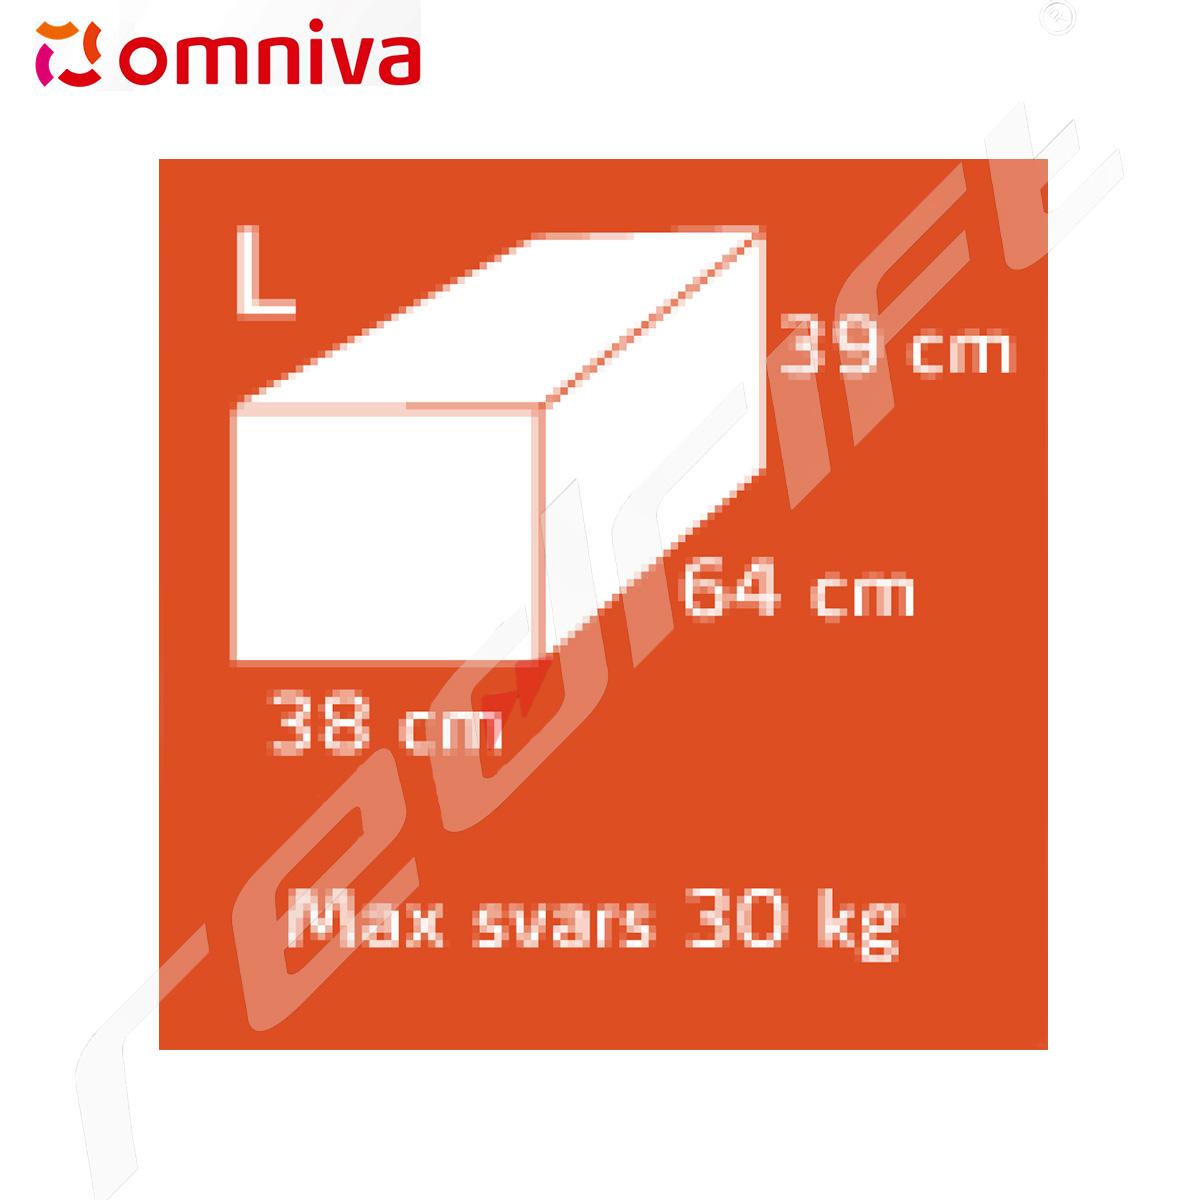 Omniva: Sūtījuma izmērs - L